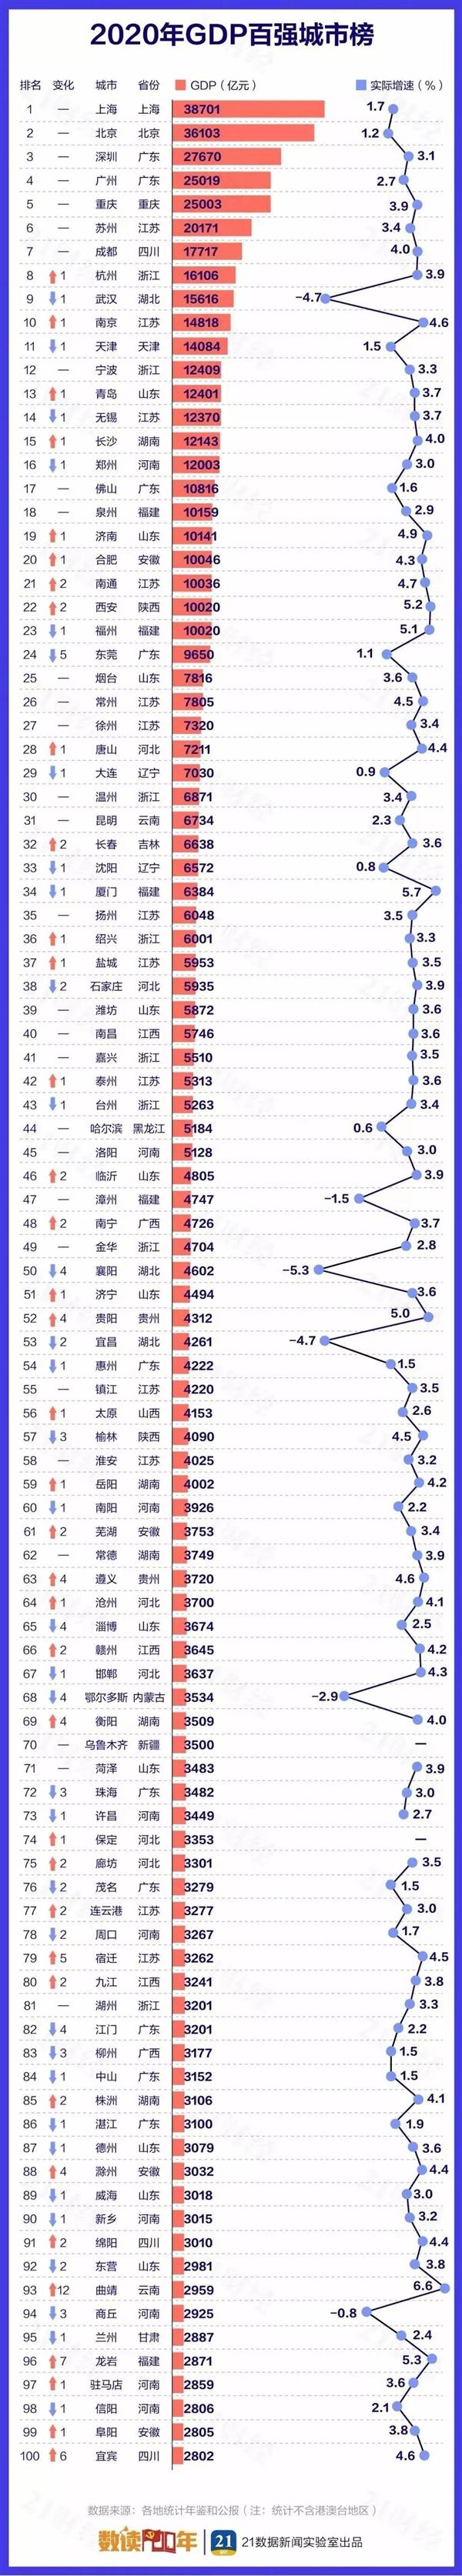 2020中国城市GDP百强榜:上海北京深圳广州排前四 南京超天津